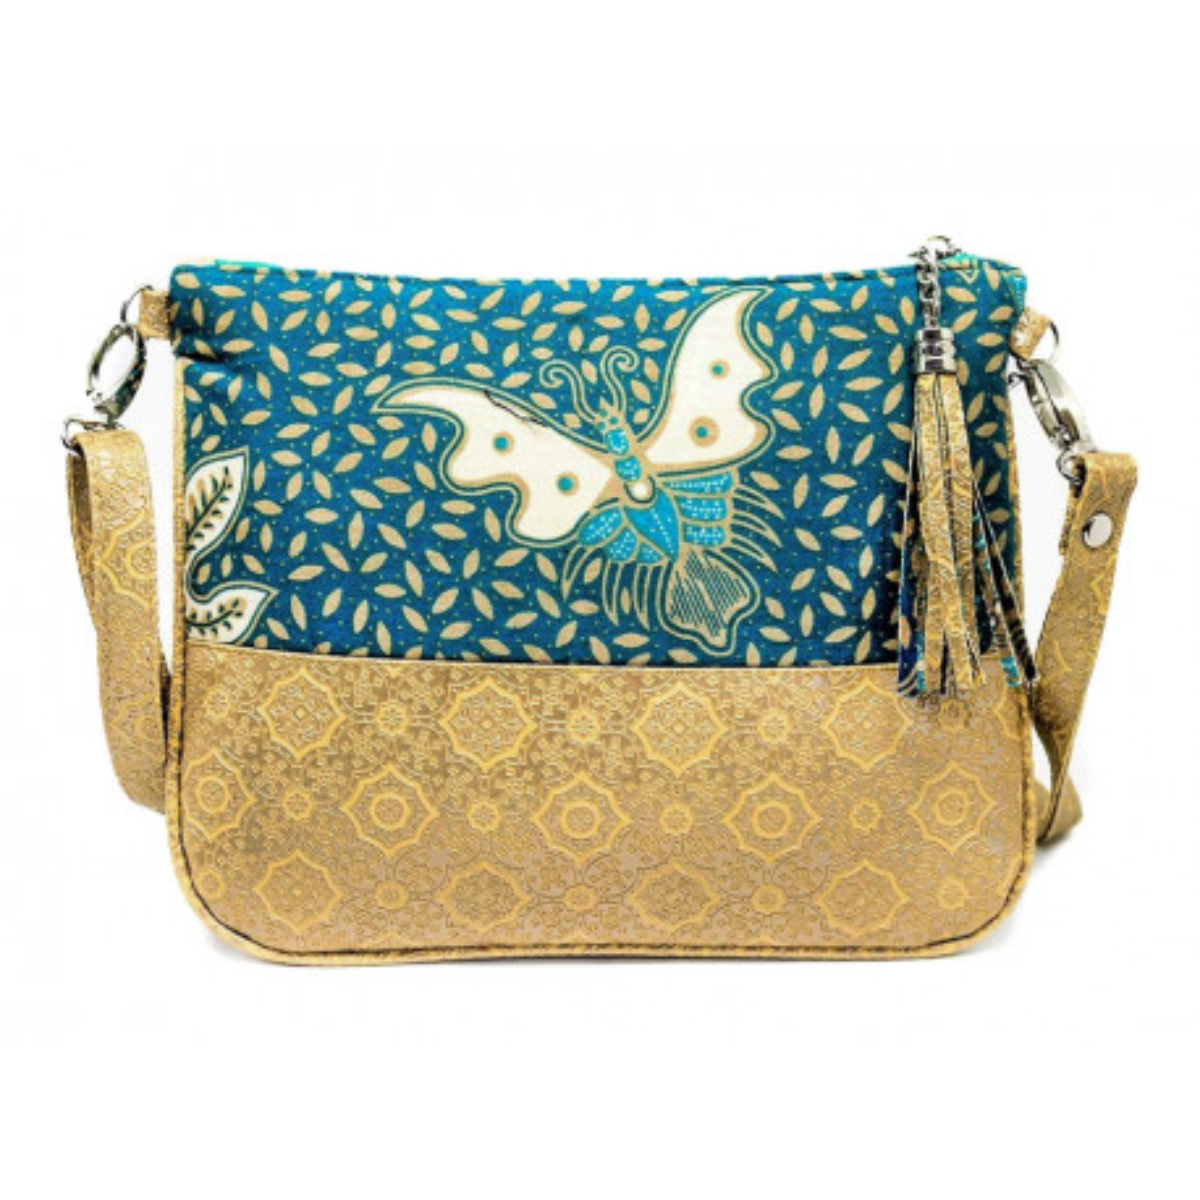 Sac à main pochette femme bleu canard et sable